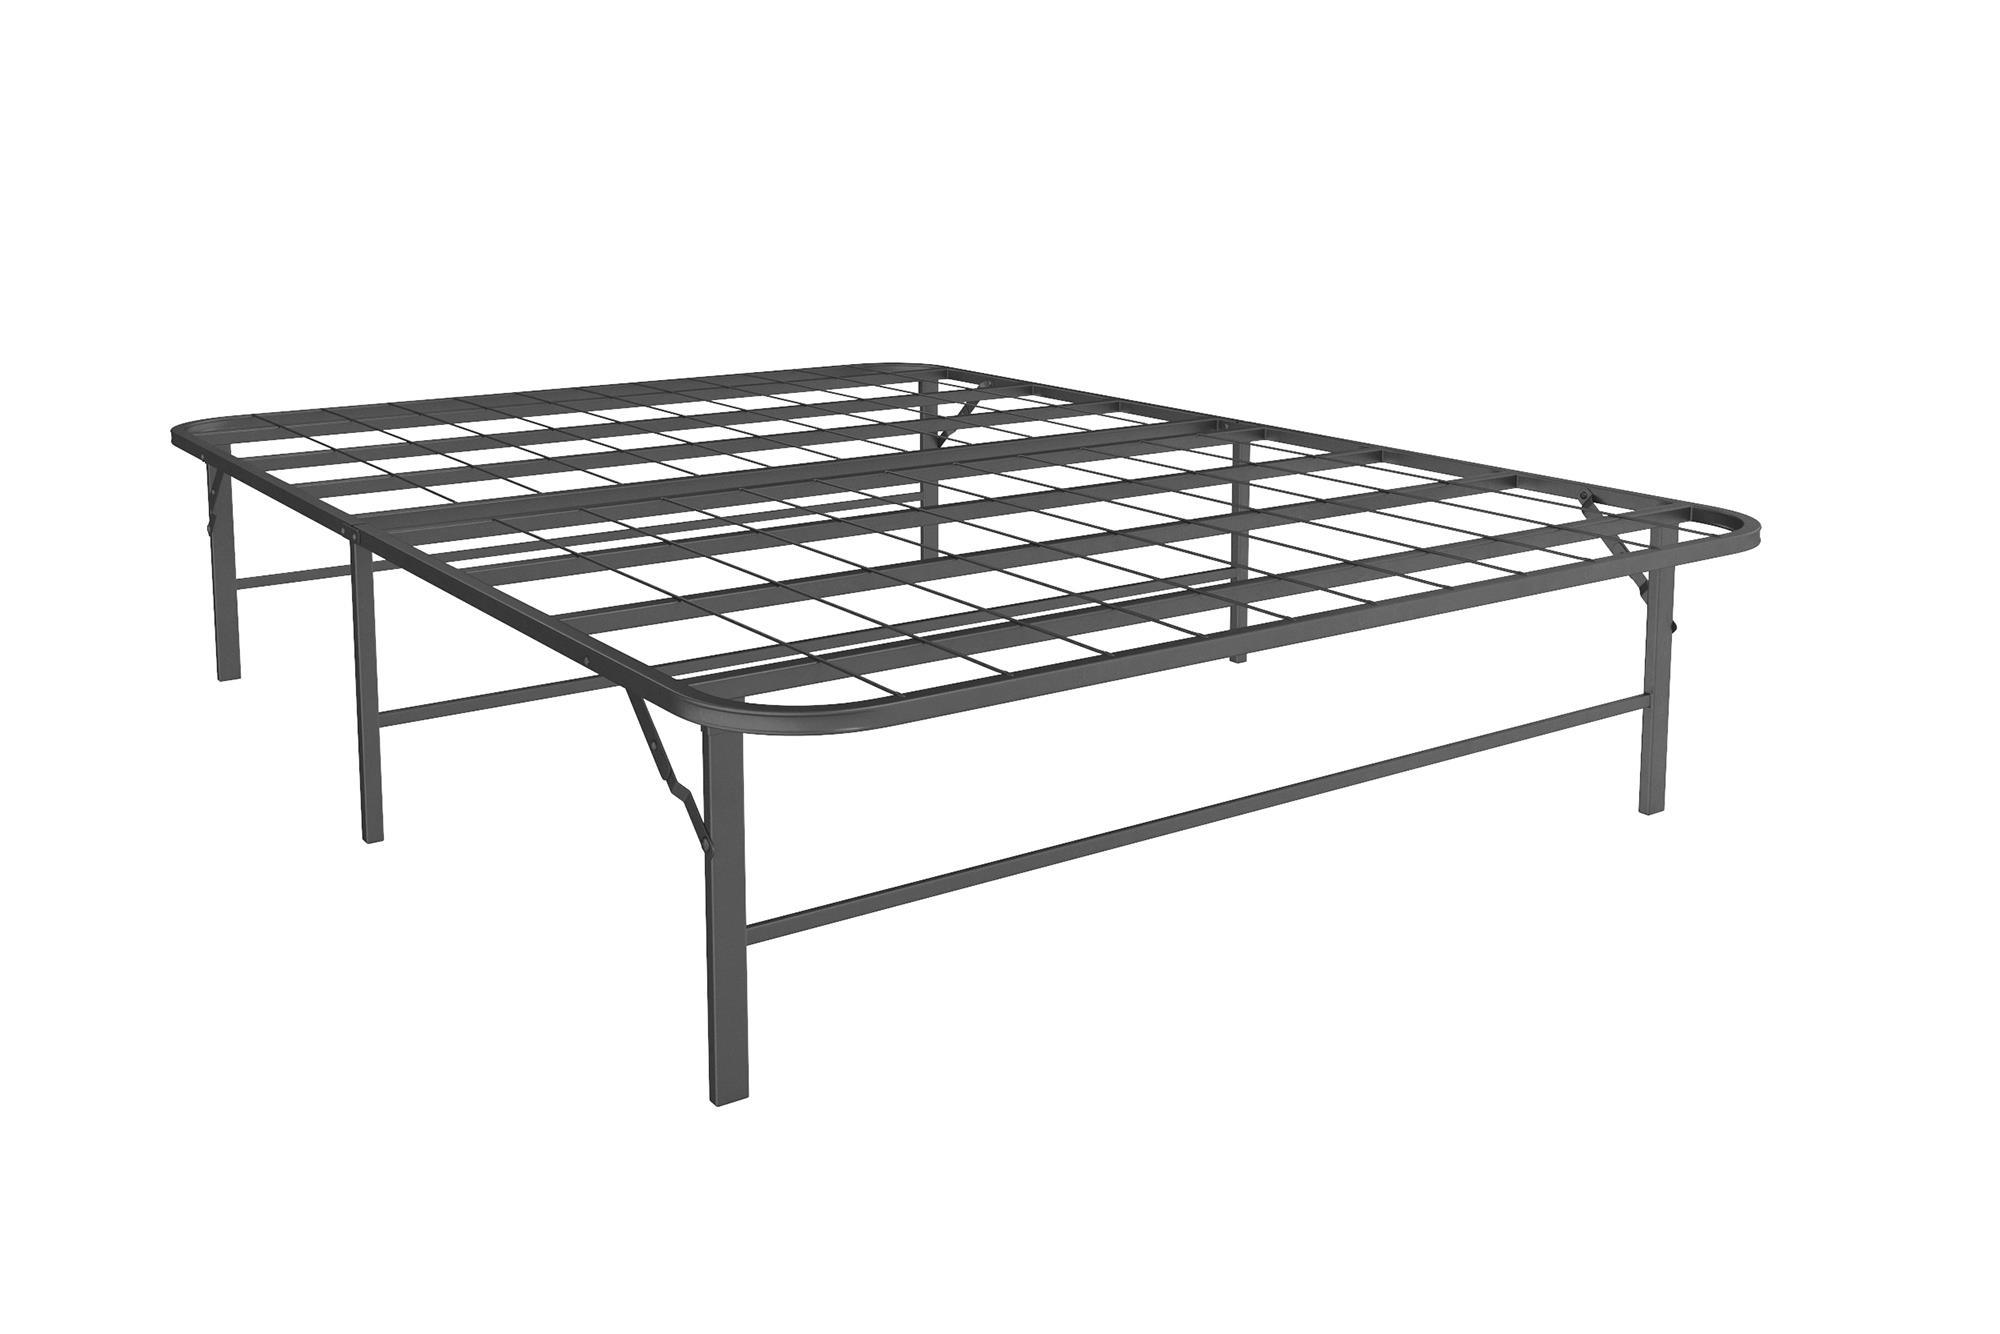 Metal Platform Bed Frame and Mattress Foundation Black Full Size ...